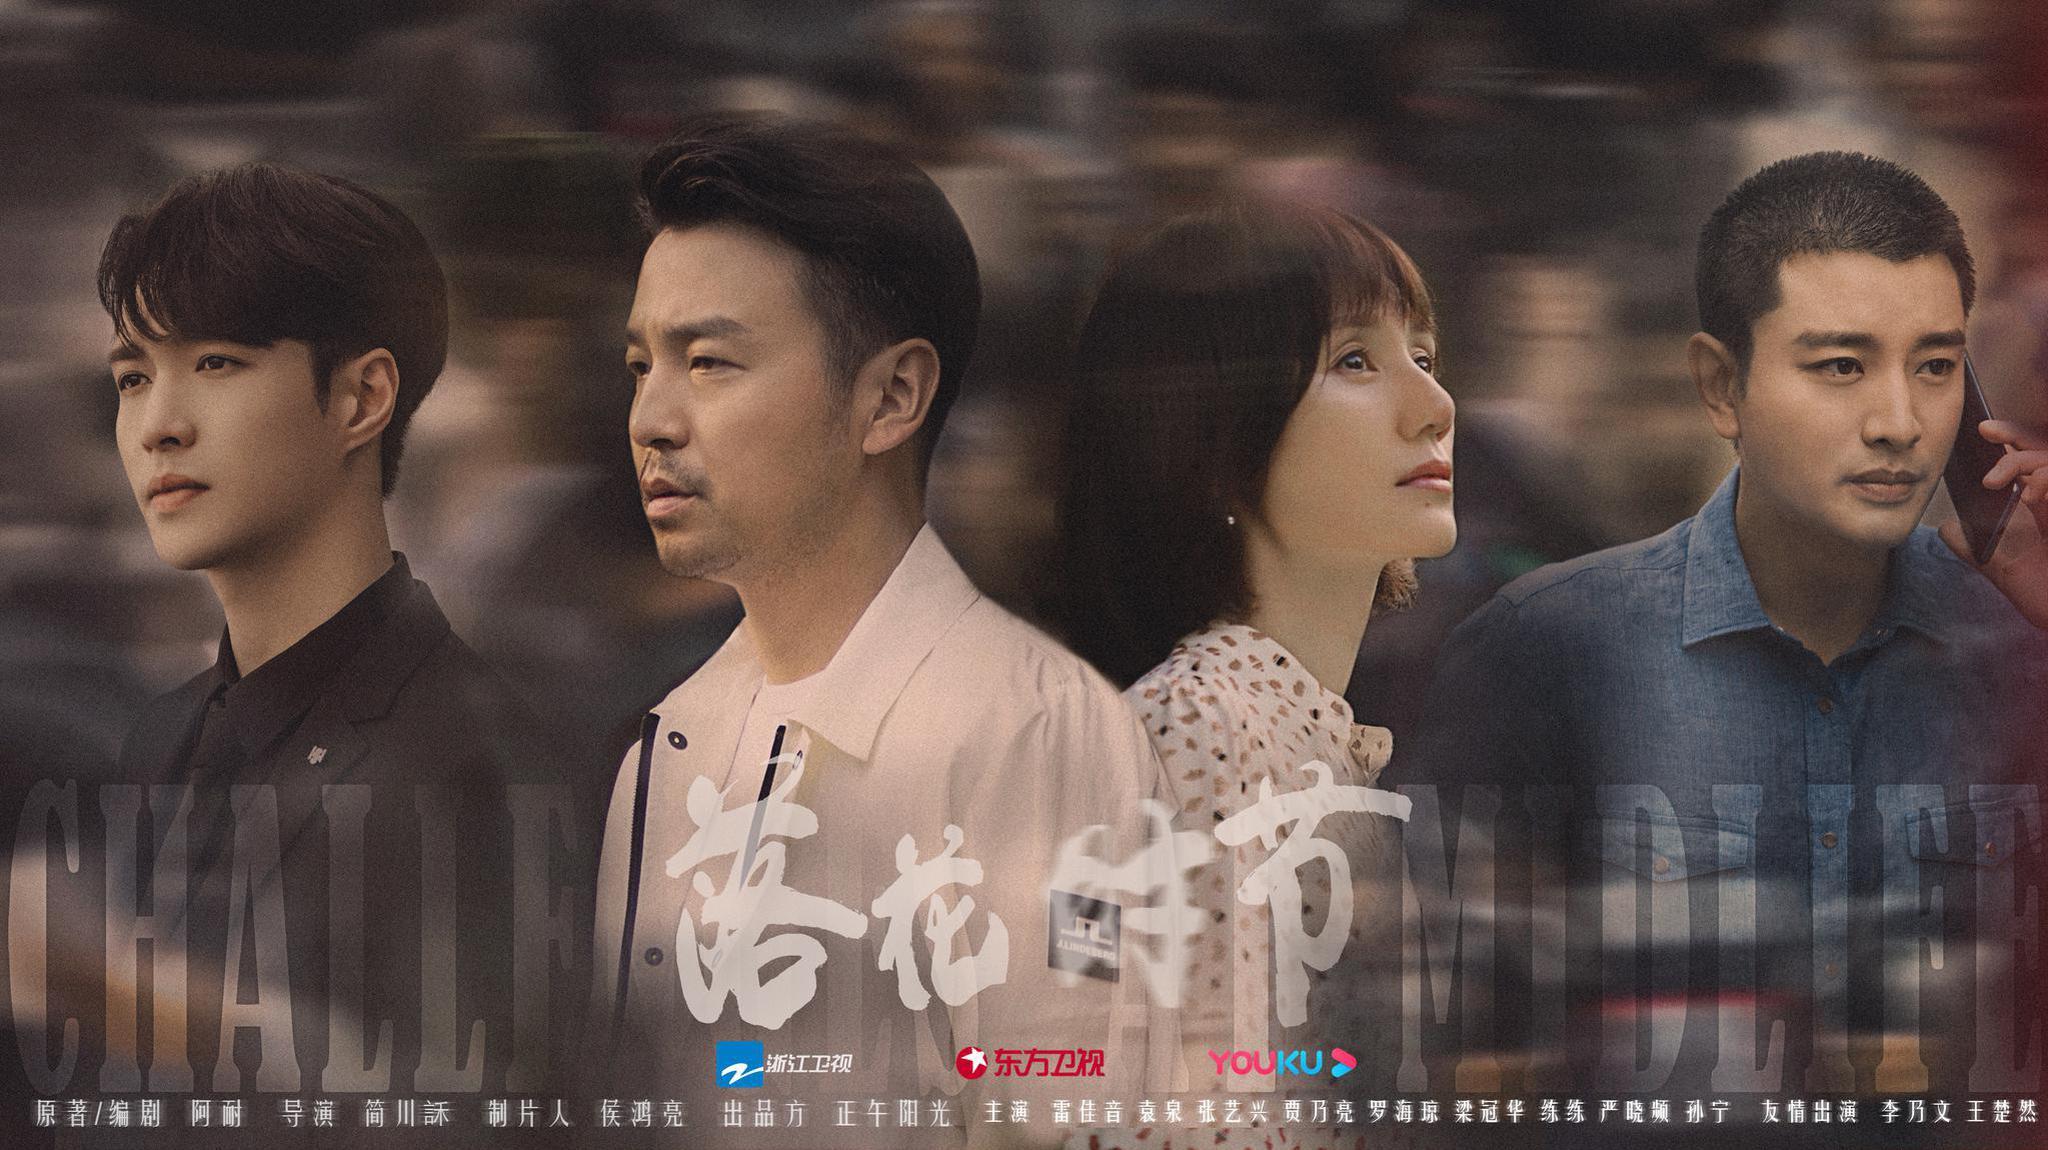 《落花时节》预告首曝光 袁泉遭撕扯张艺兴被扇耳光